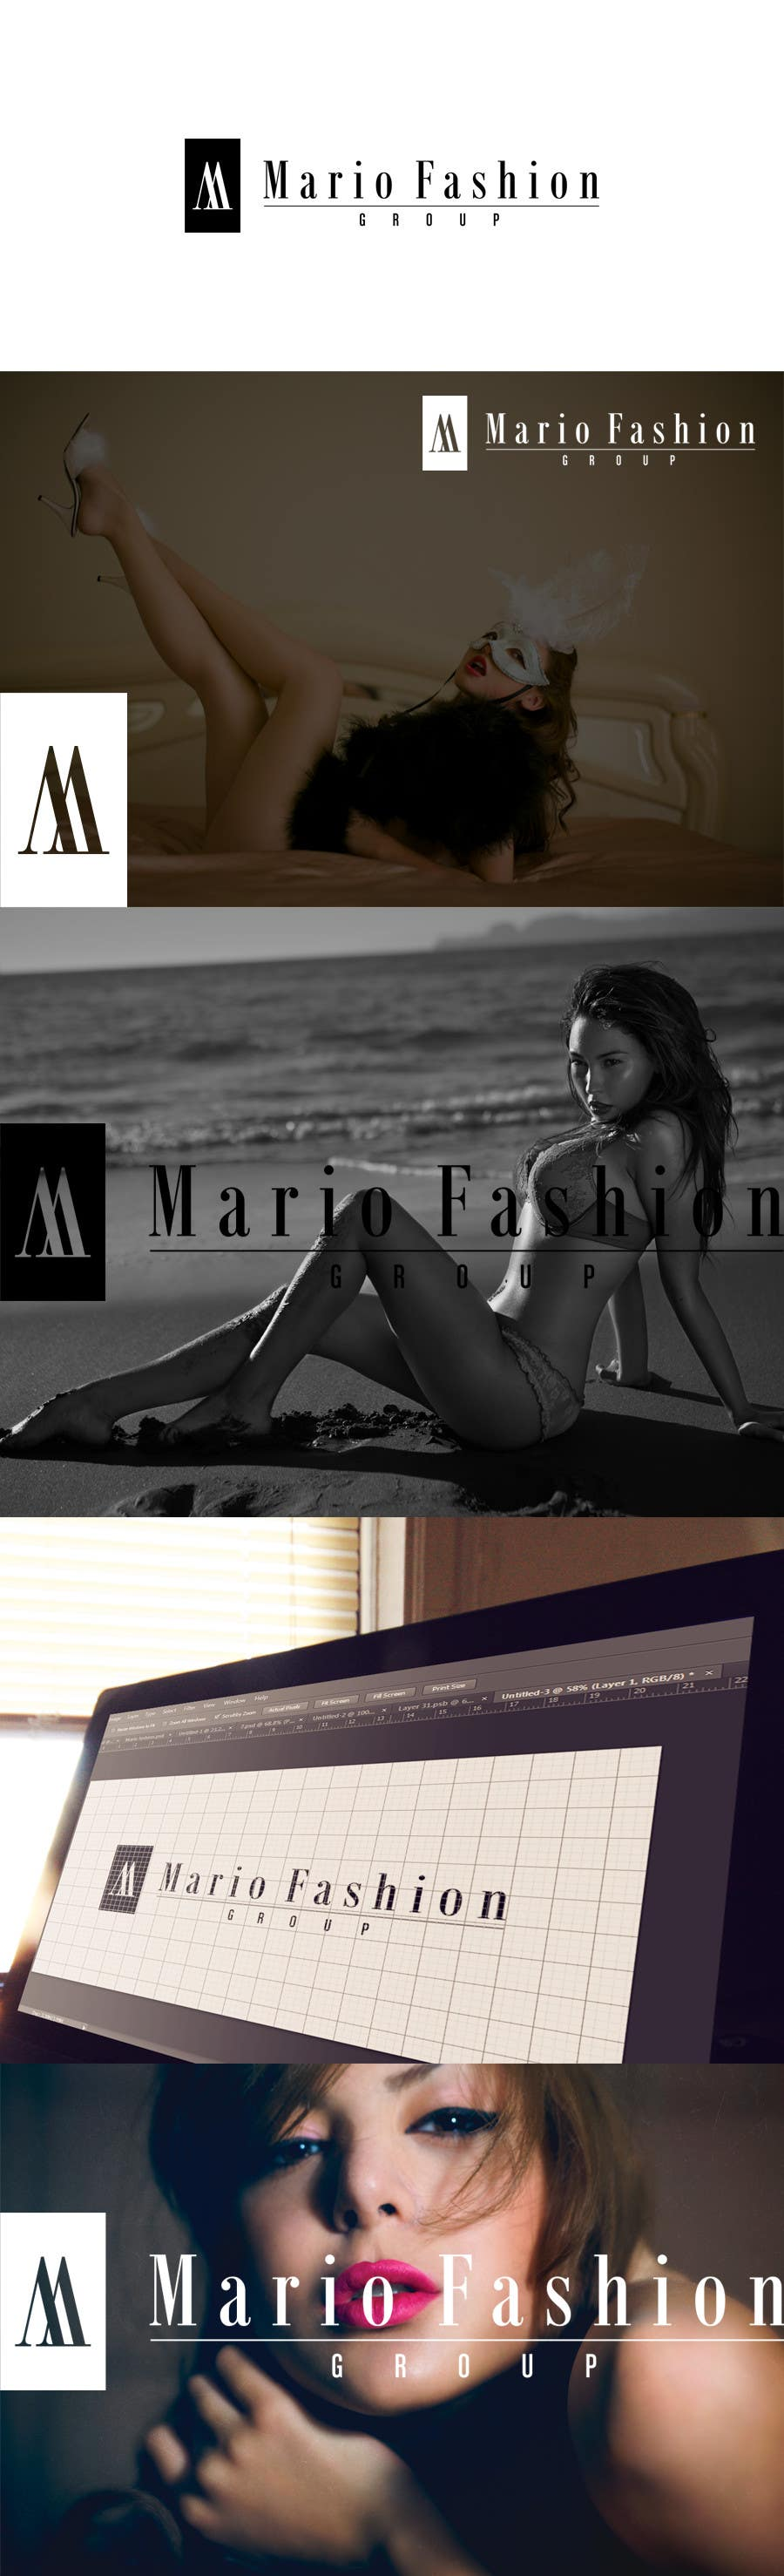 Inscrição nº 10 do Concurso para Develop a Corporate Identity for Mario Fashion Group